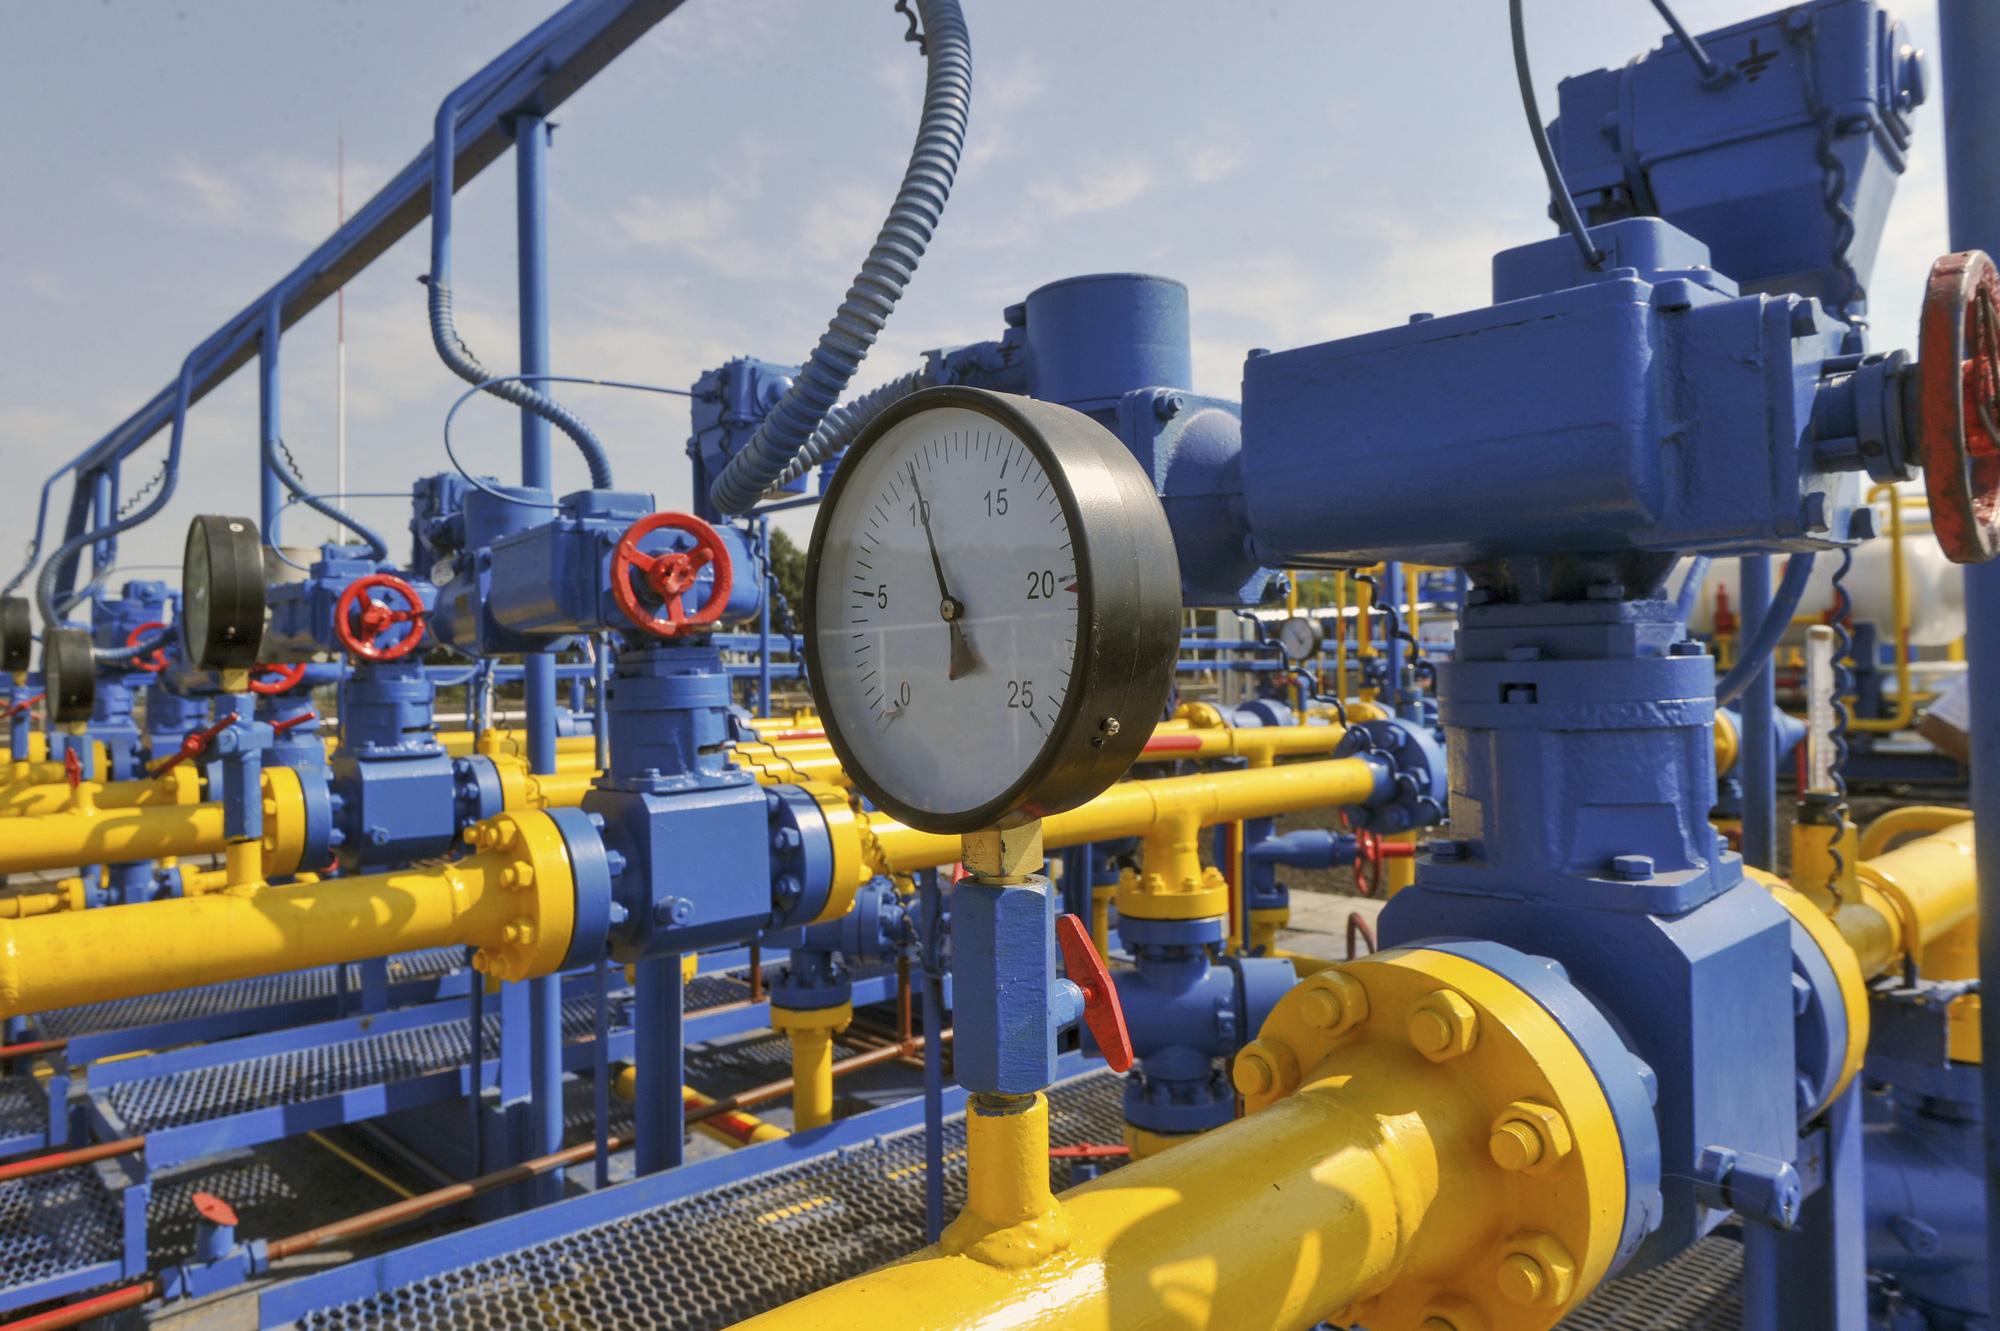 Giá gas hôm nay 9/4: Giá khí đốt tự nhiên tiếp tục giảm do nhu cầu còn yếu - Ảnh 1.